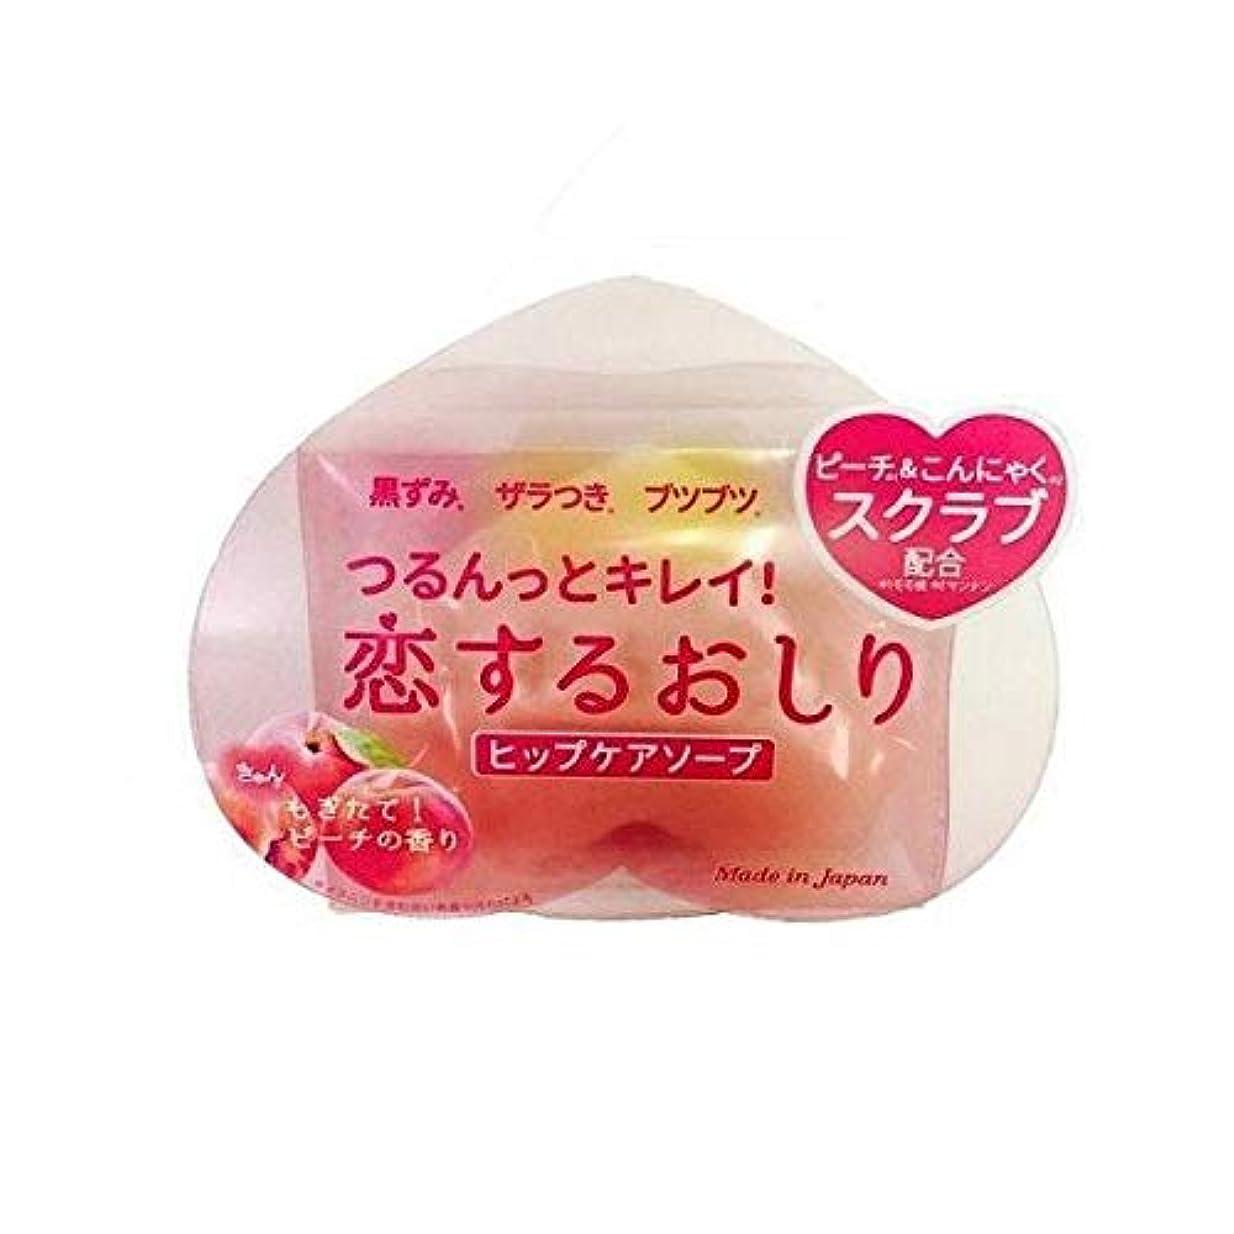 恋するおしり ヒップケアソープ 80g 72個入りケース